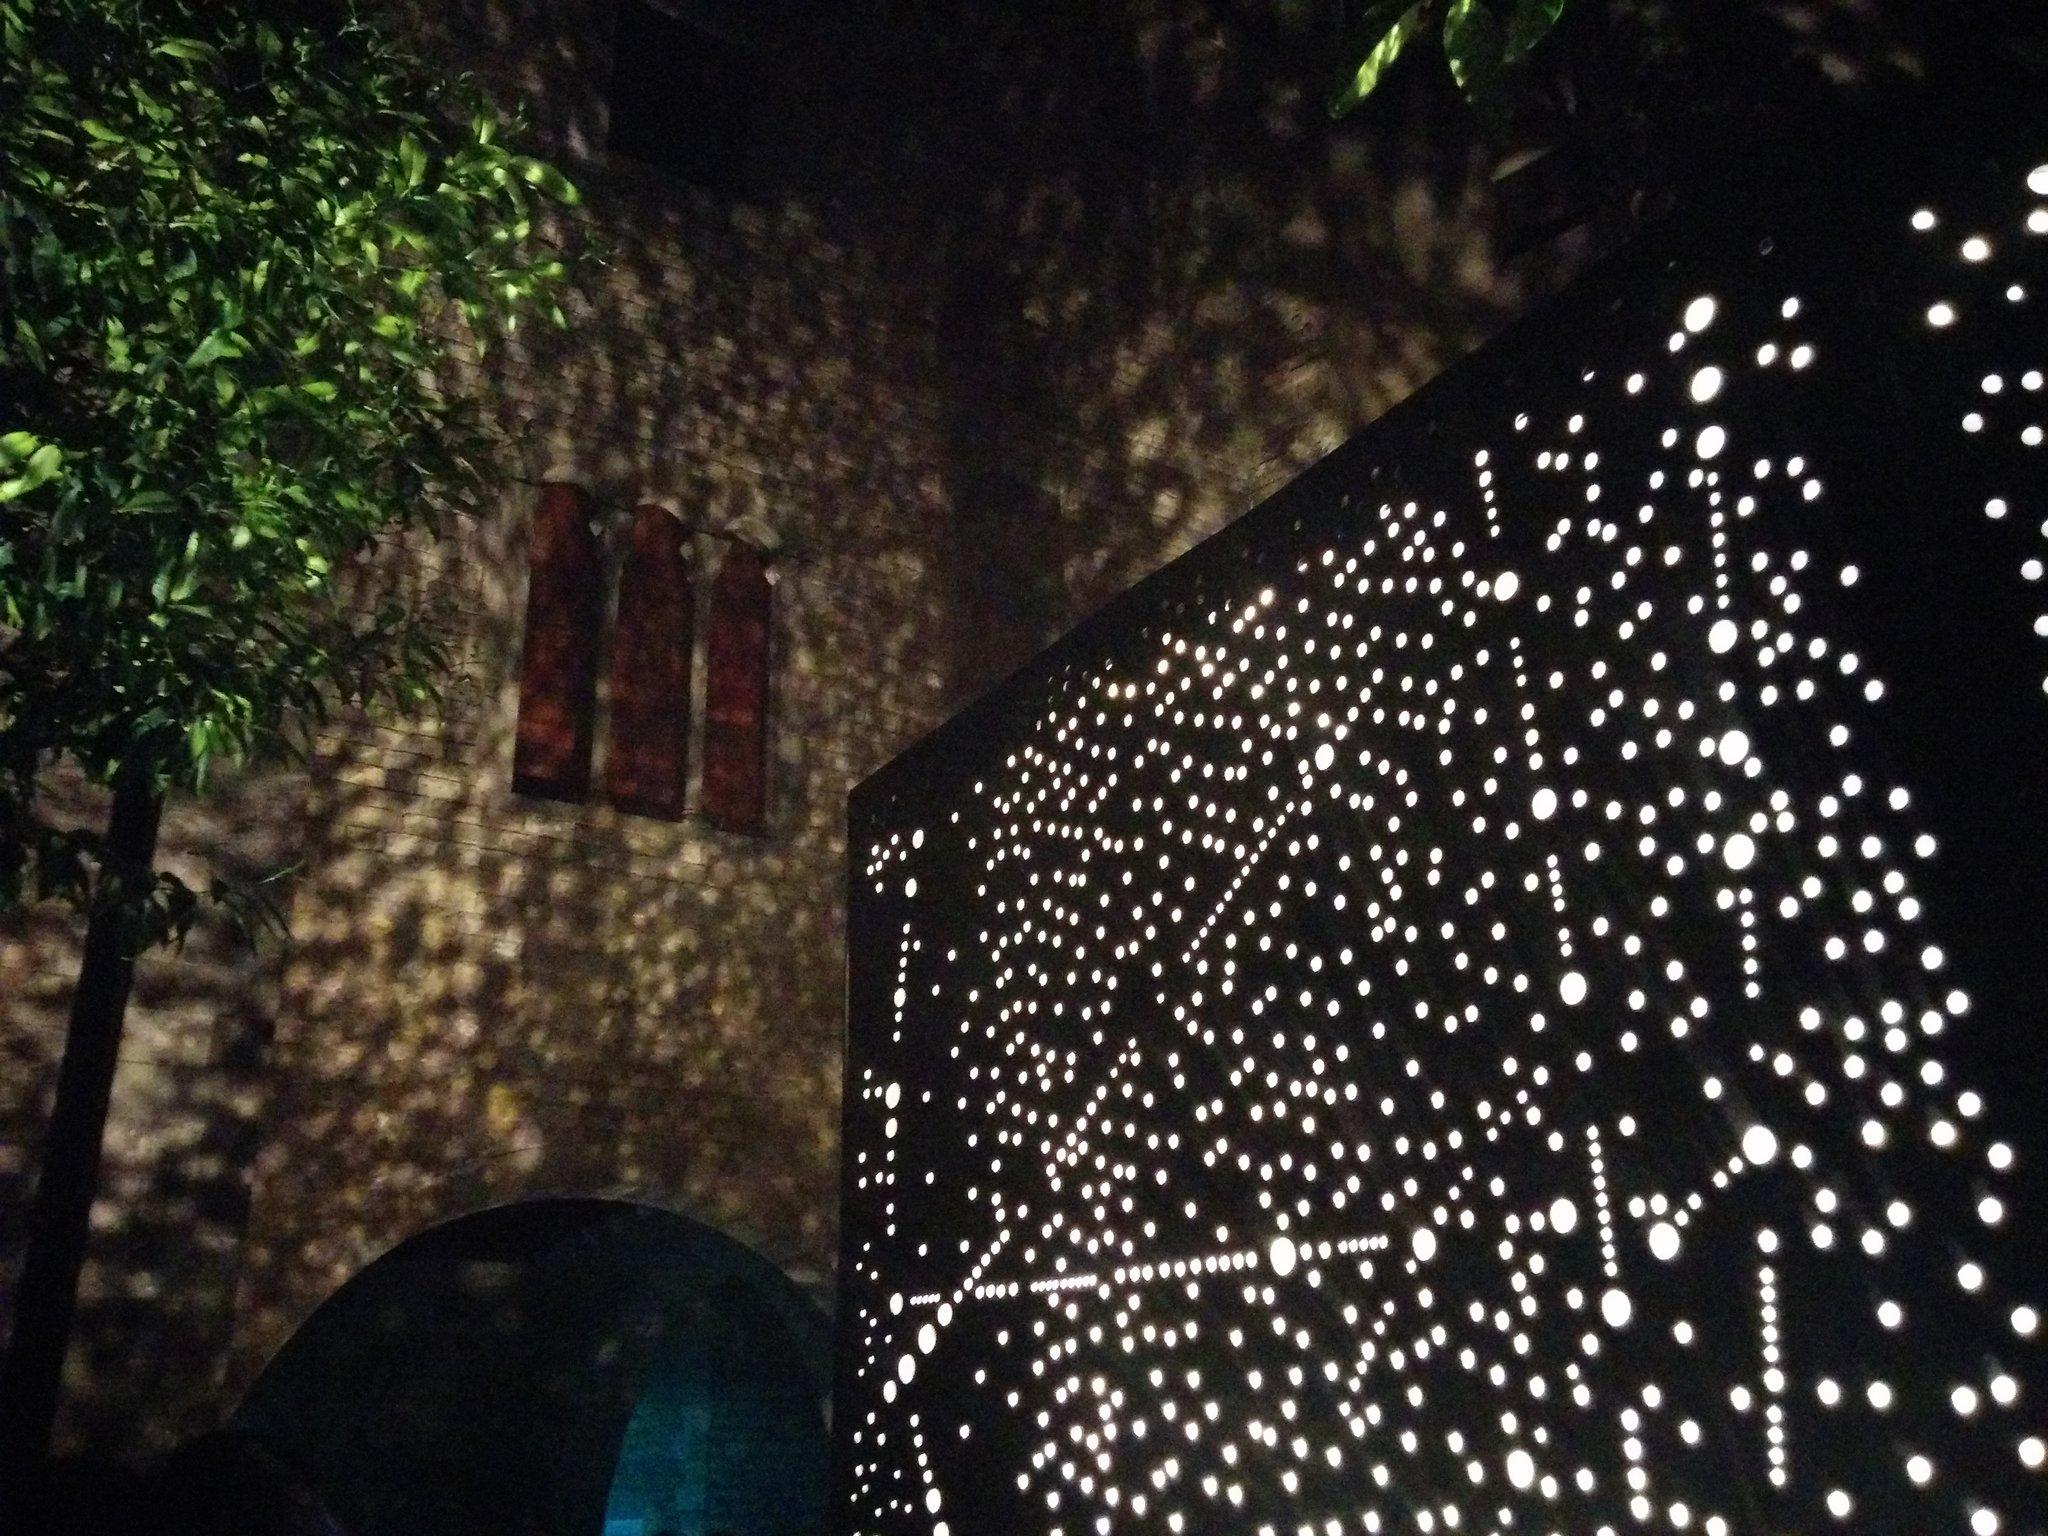 Misteri abrumador amb #galaxyied de @iedbarcelona al pati del @MuseuFMares #LlumBCN16 https://t.co/2Johd6uftQ